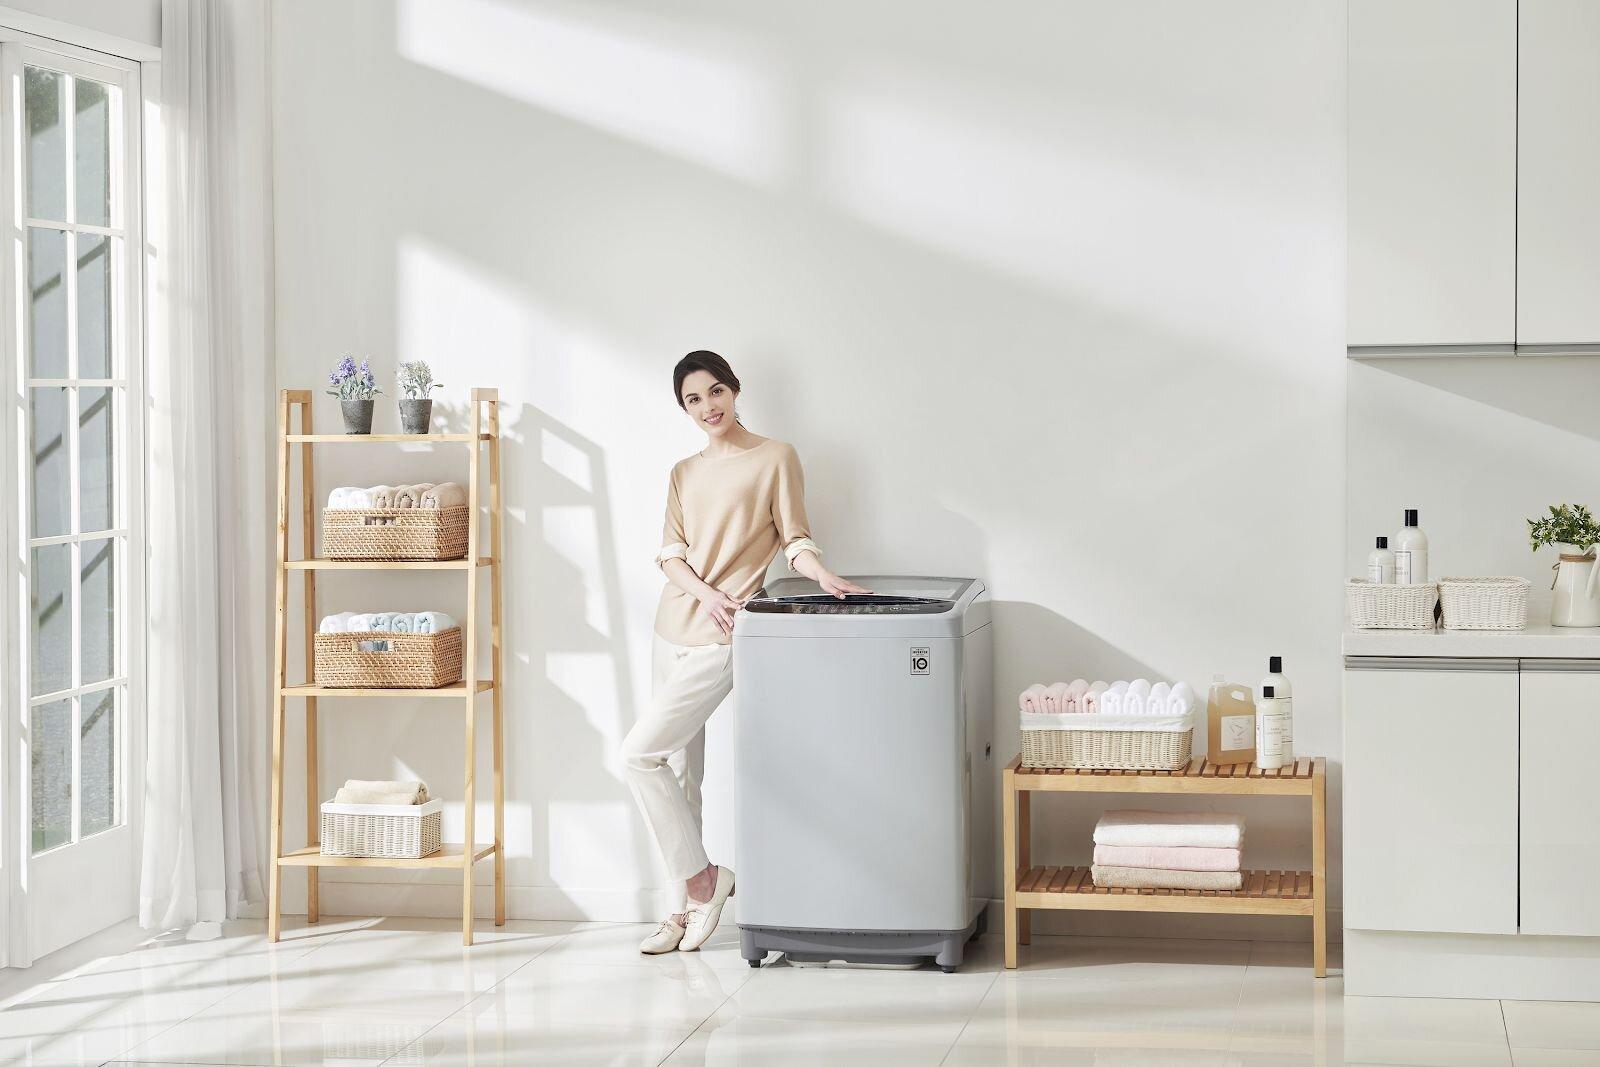 Máy giặt sấy LG hay Electrolux phù hợp với gia đình bạn?